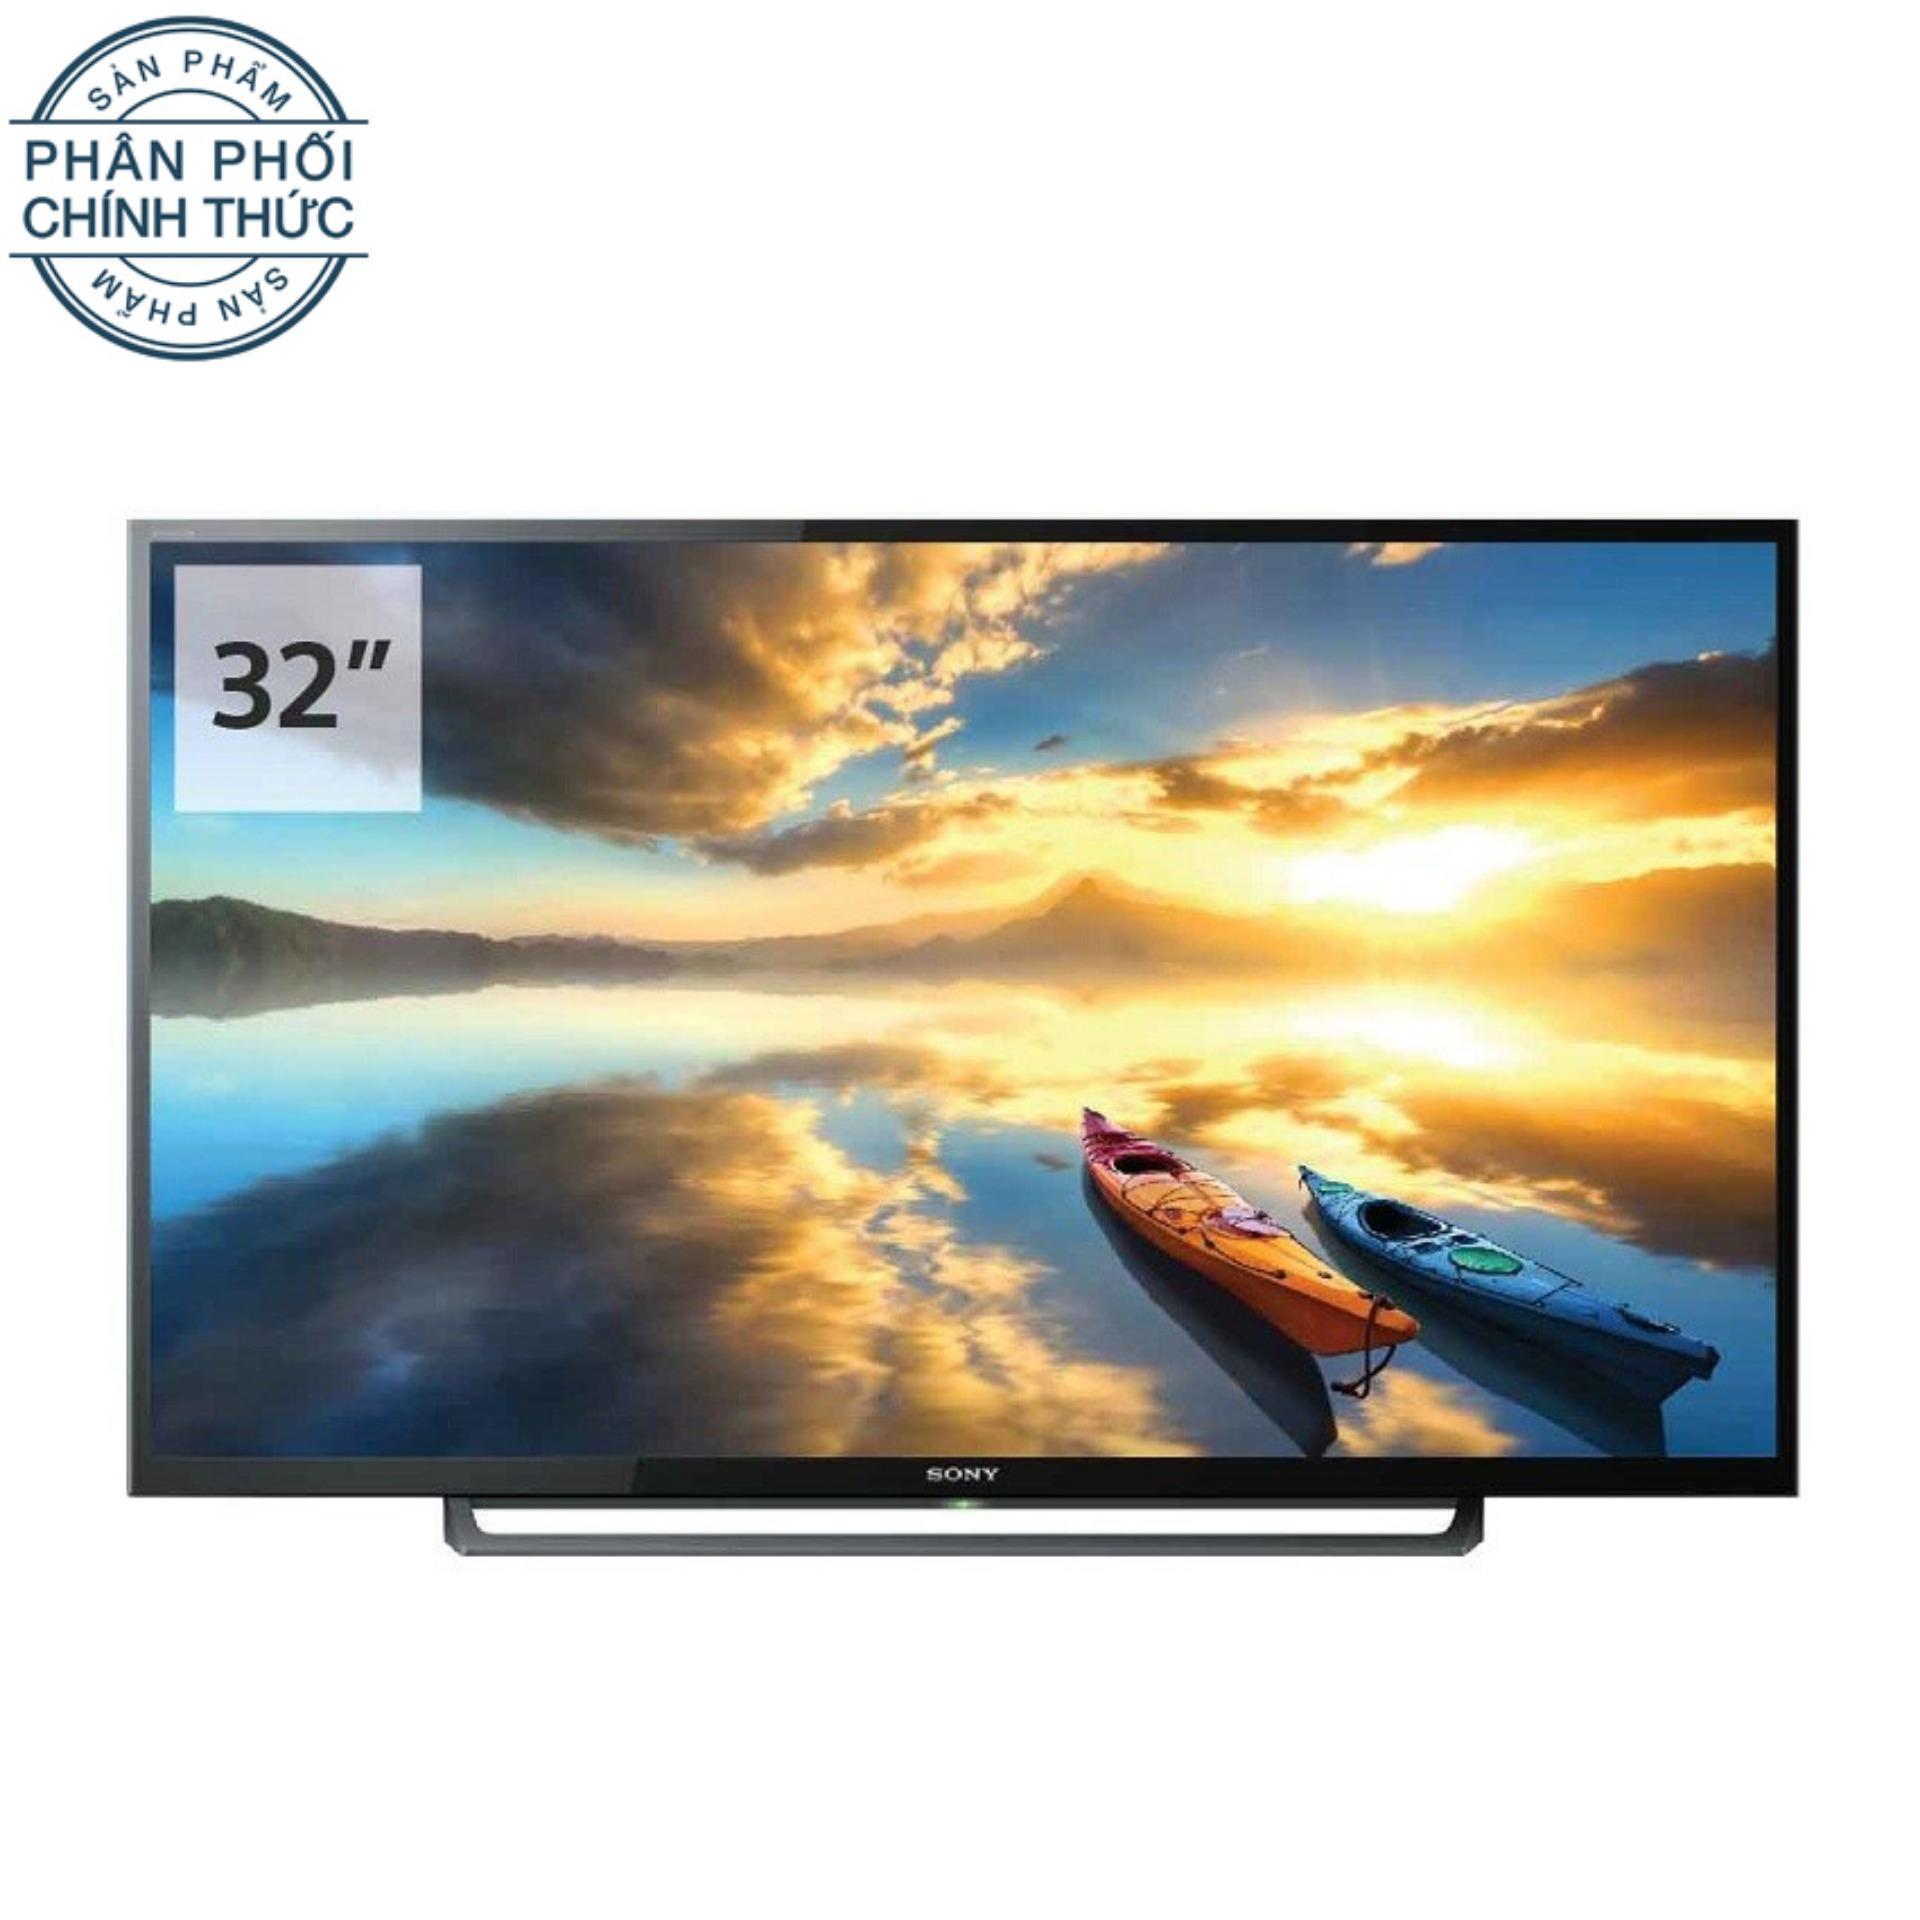 Hình ảnh TV LED Sony 32inch HD - Model KDL-32R300EVN3(Đen)